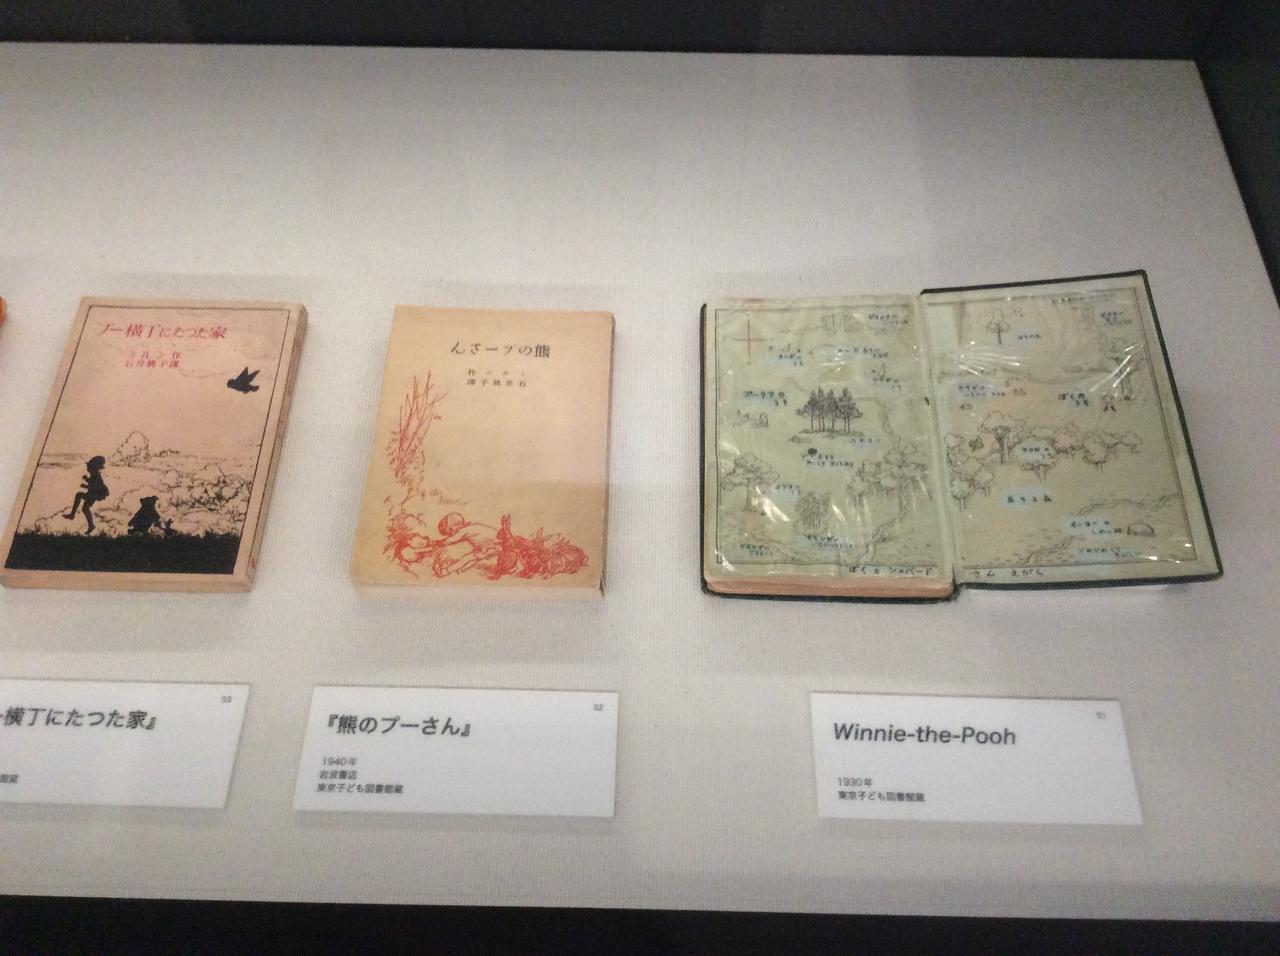 画像: 左:『プー横丁にたつた家』1942年、真ん中:『熊のプーさん』1940年、右:『Winnie-the-Pooh』1930年 「クマのプーさん展 」大阪会場  展示本 photo©︎cinefil